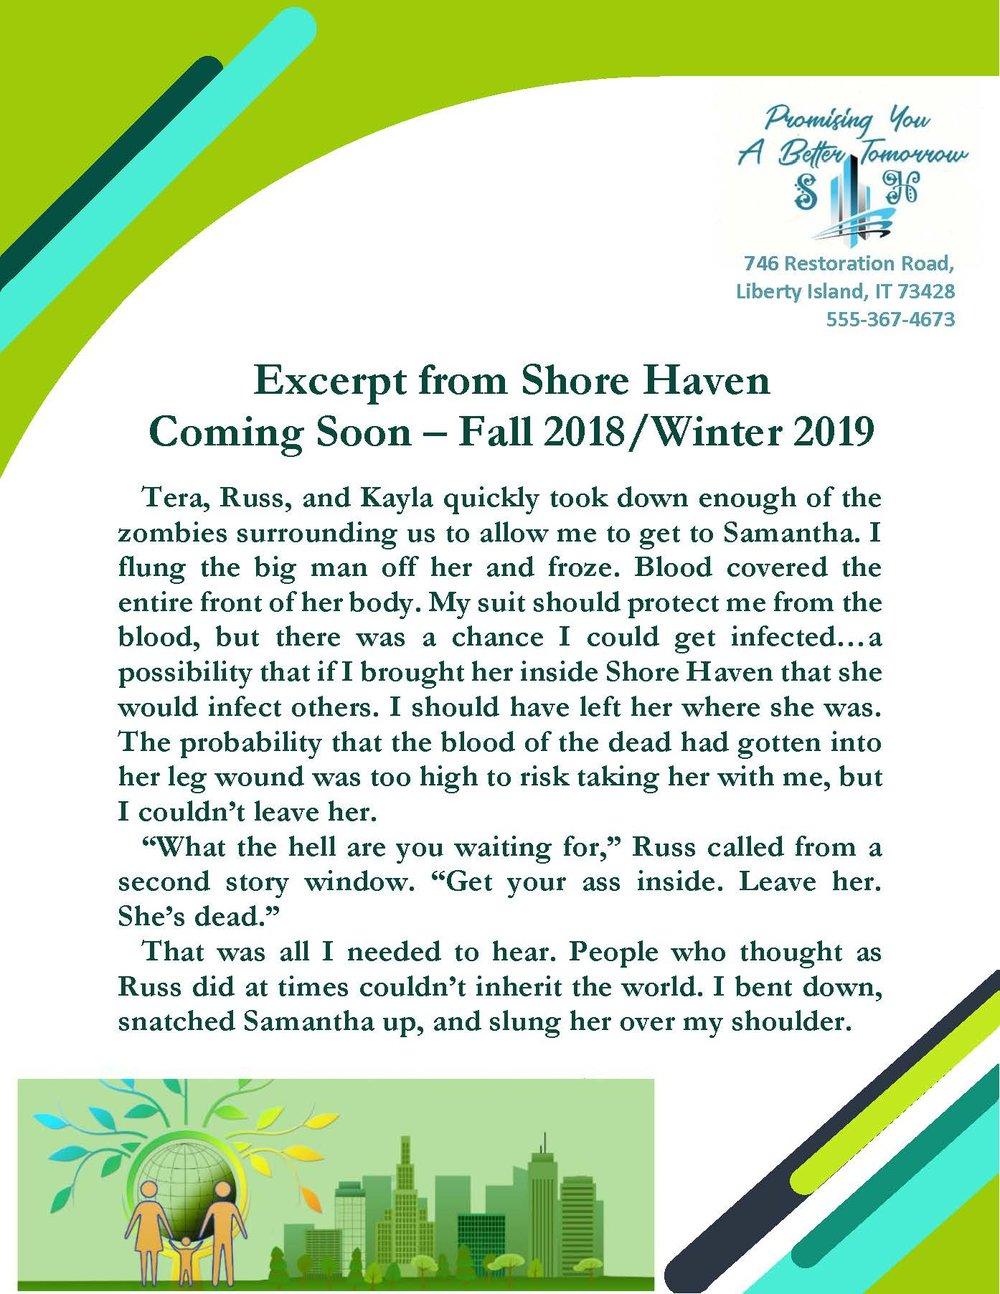 Shore Haven Excerpts Template 1.jpg